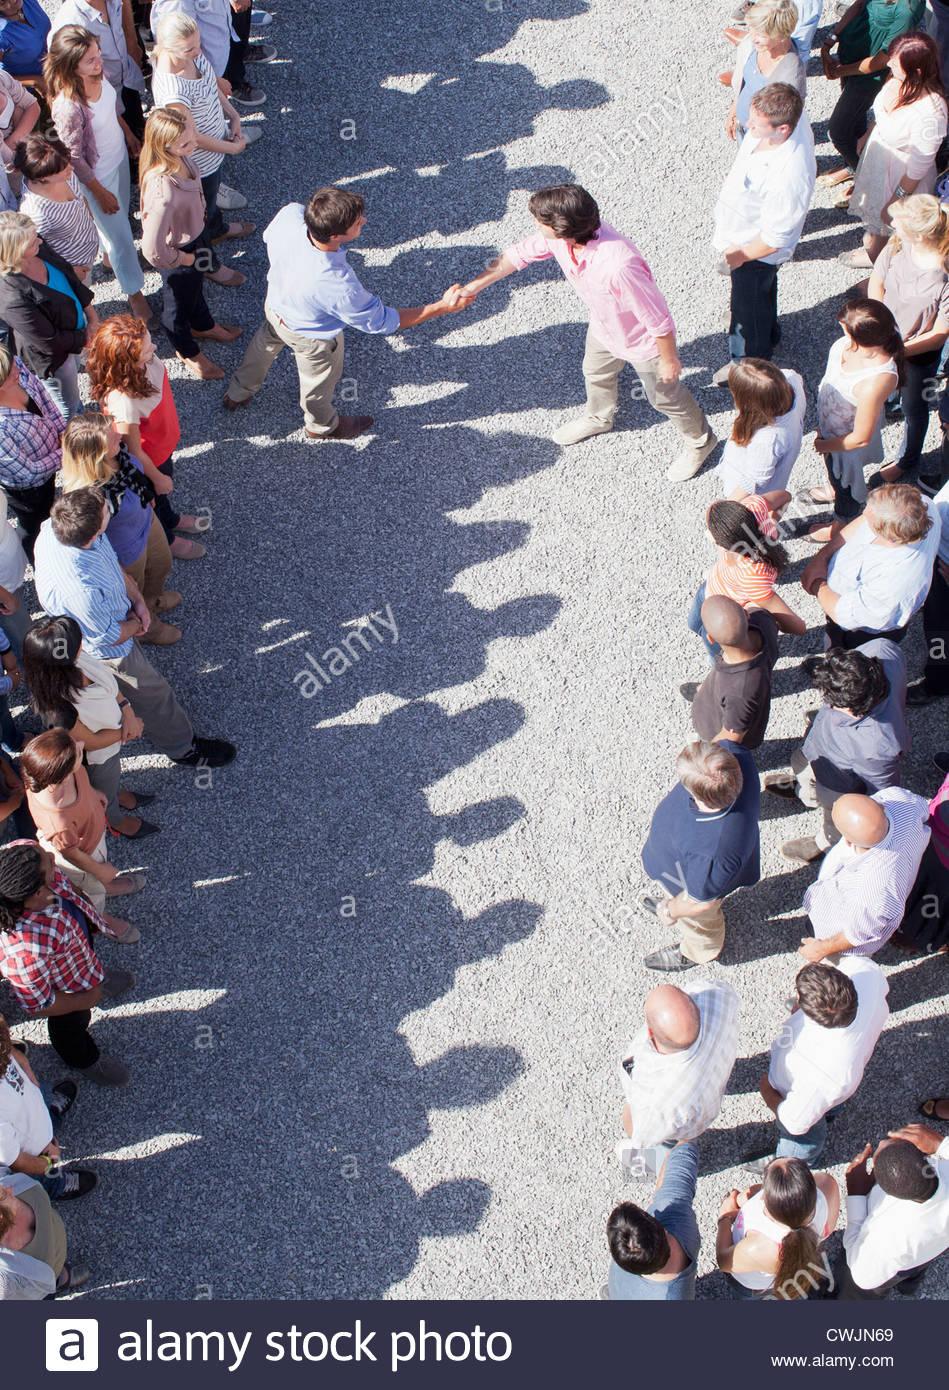 Men handshaking between separate groups - Stock Image